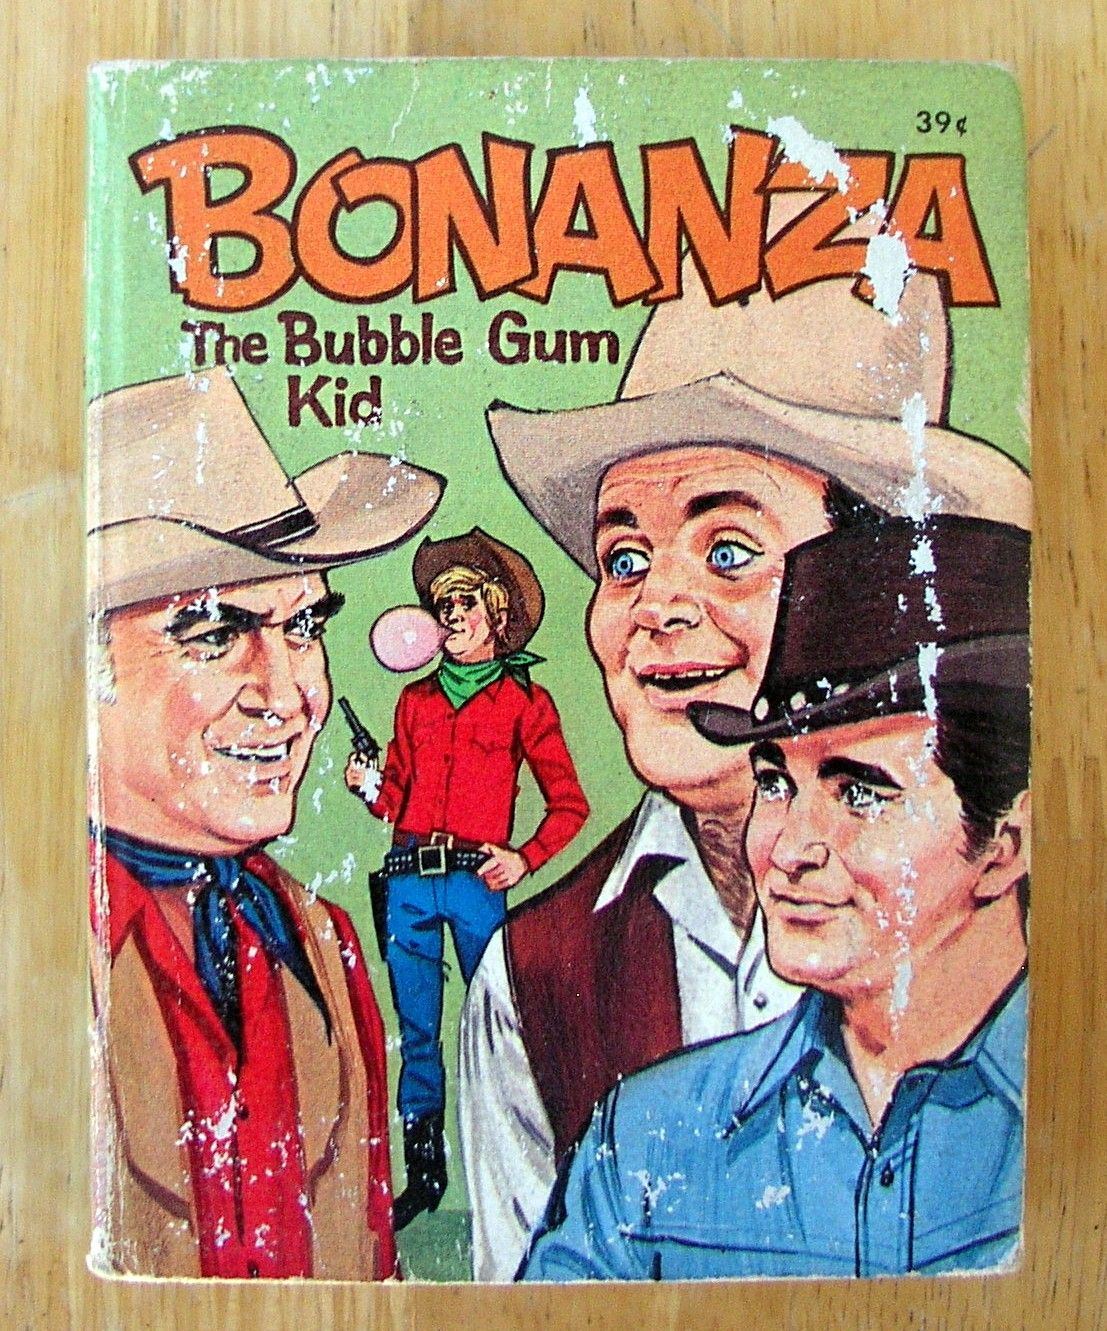 Bonanza - The Bubble Gum Kid